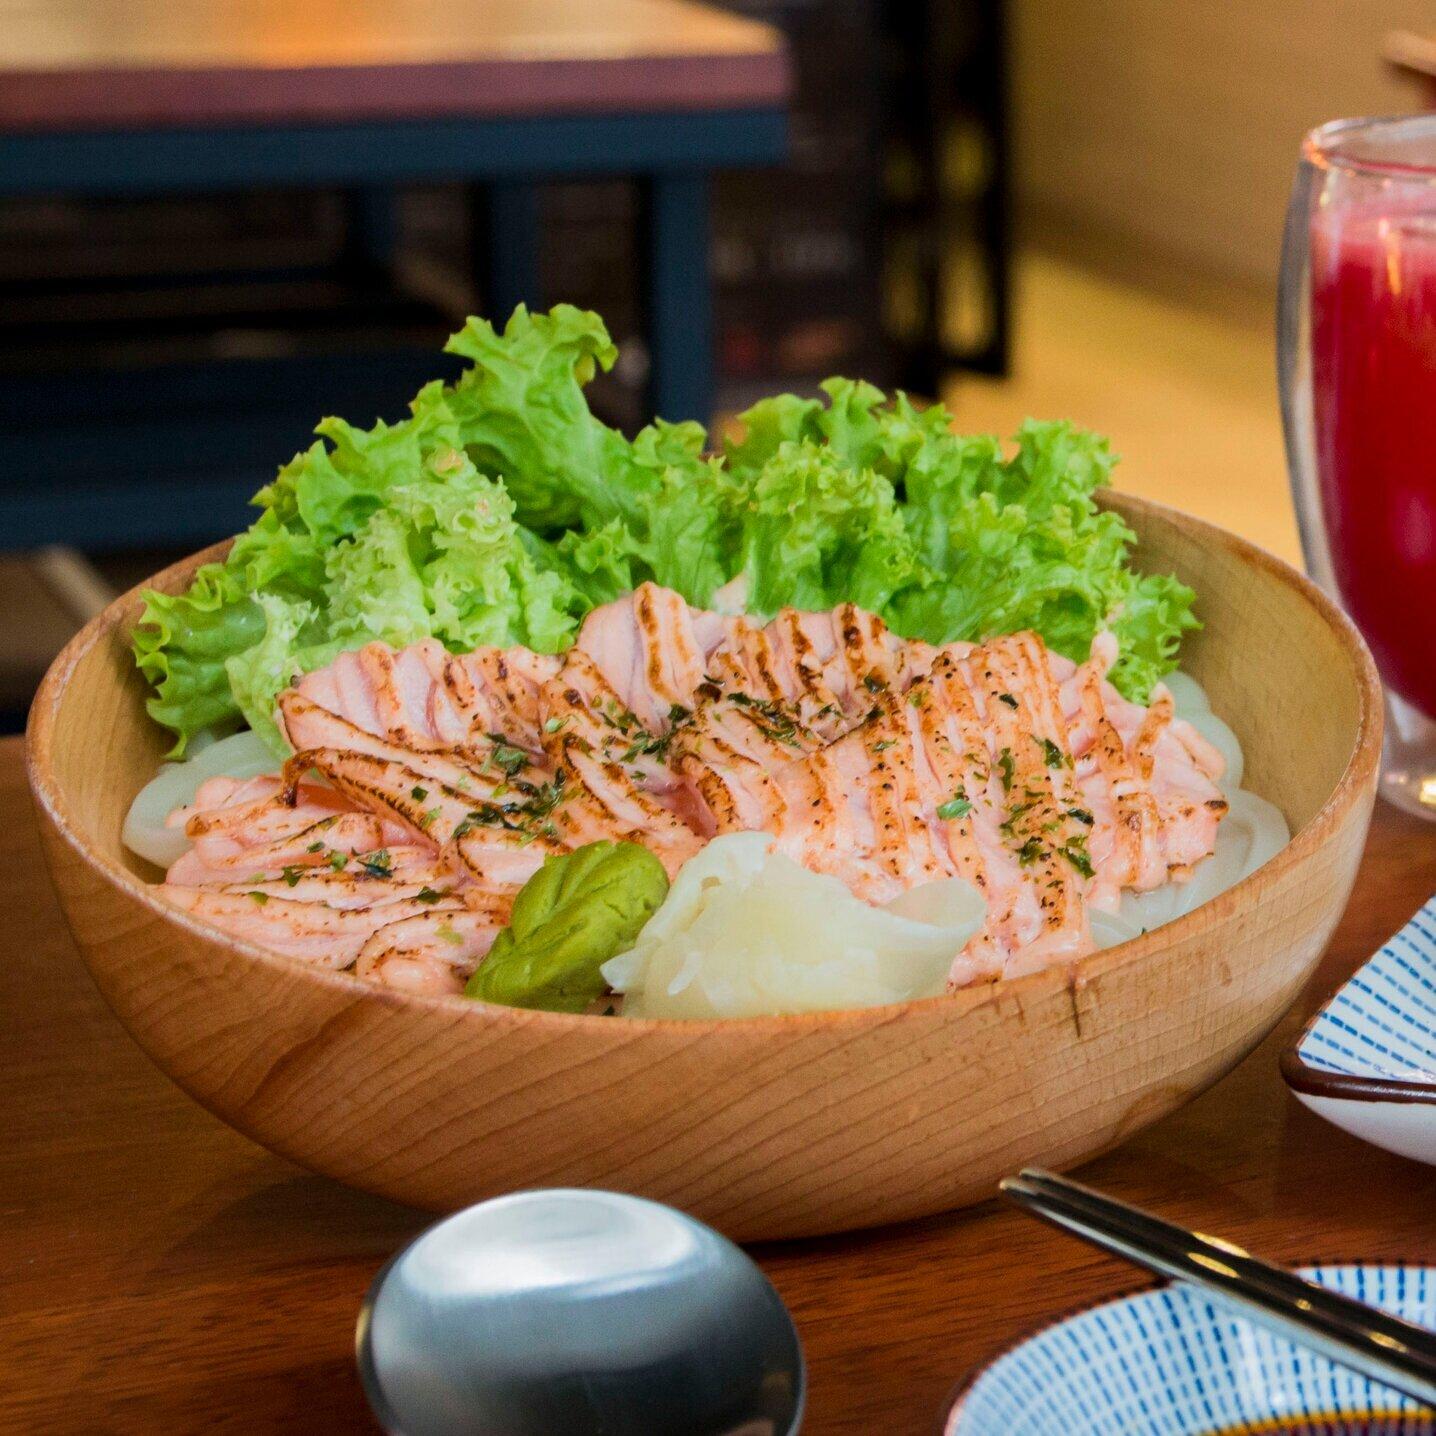 Salmon Samurai Delivery - Salmon Mentaiko & Udon Noodles — Salmon Samurai